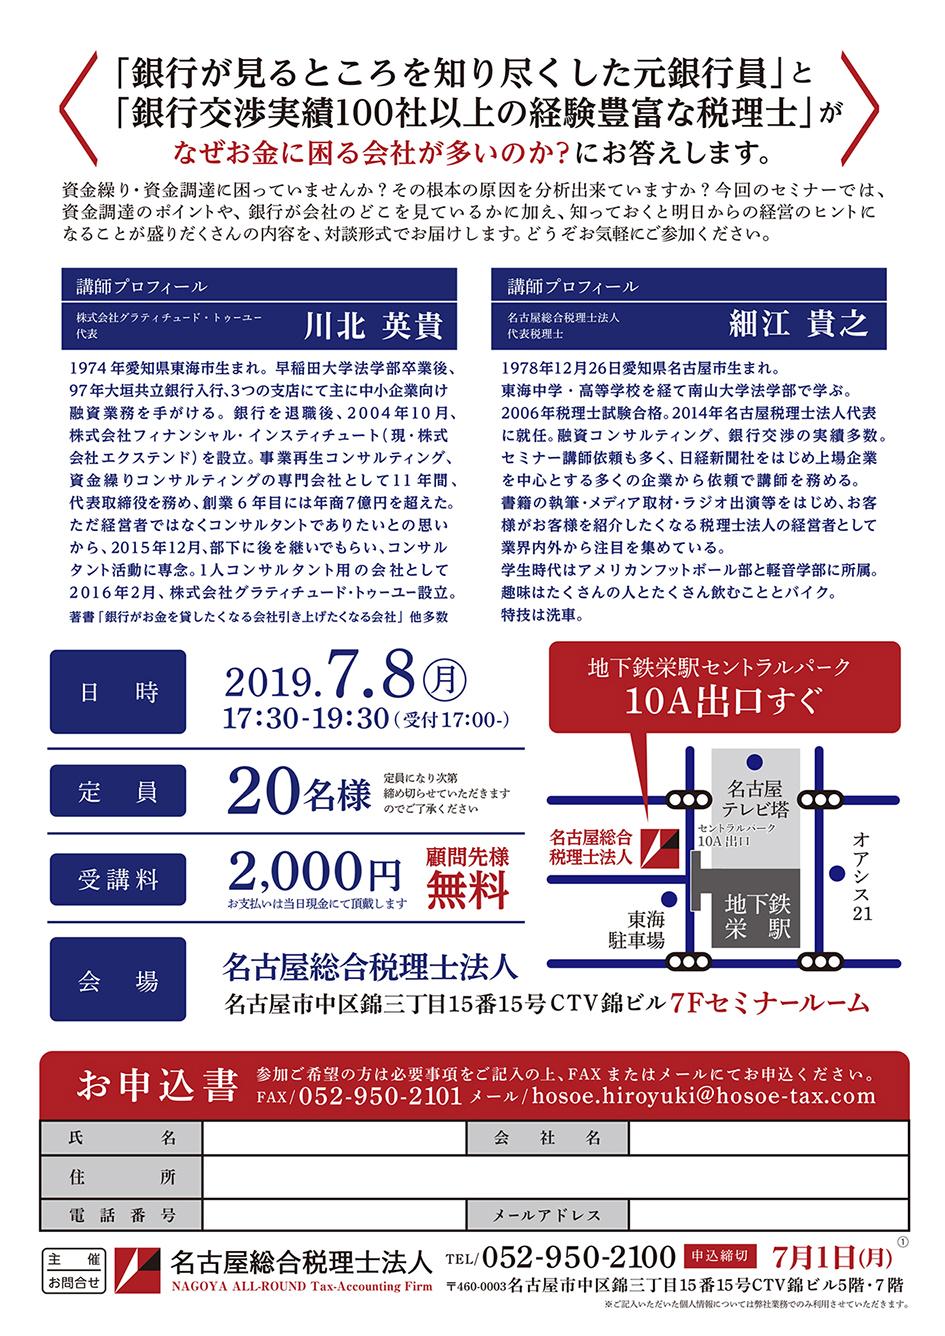 190708銀行セミナーura(HP用軽)